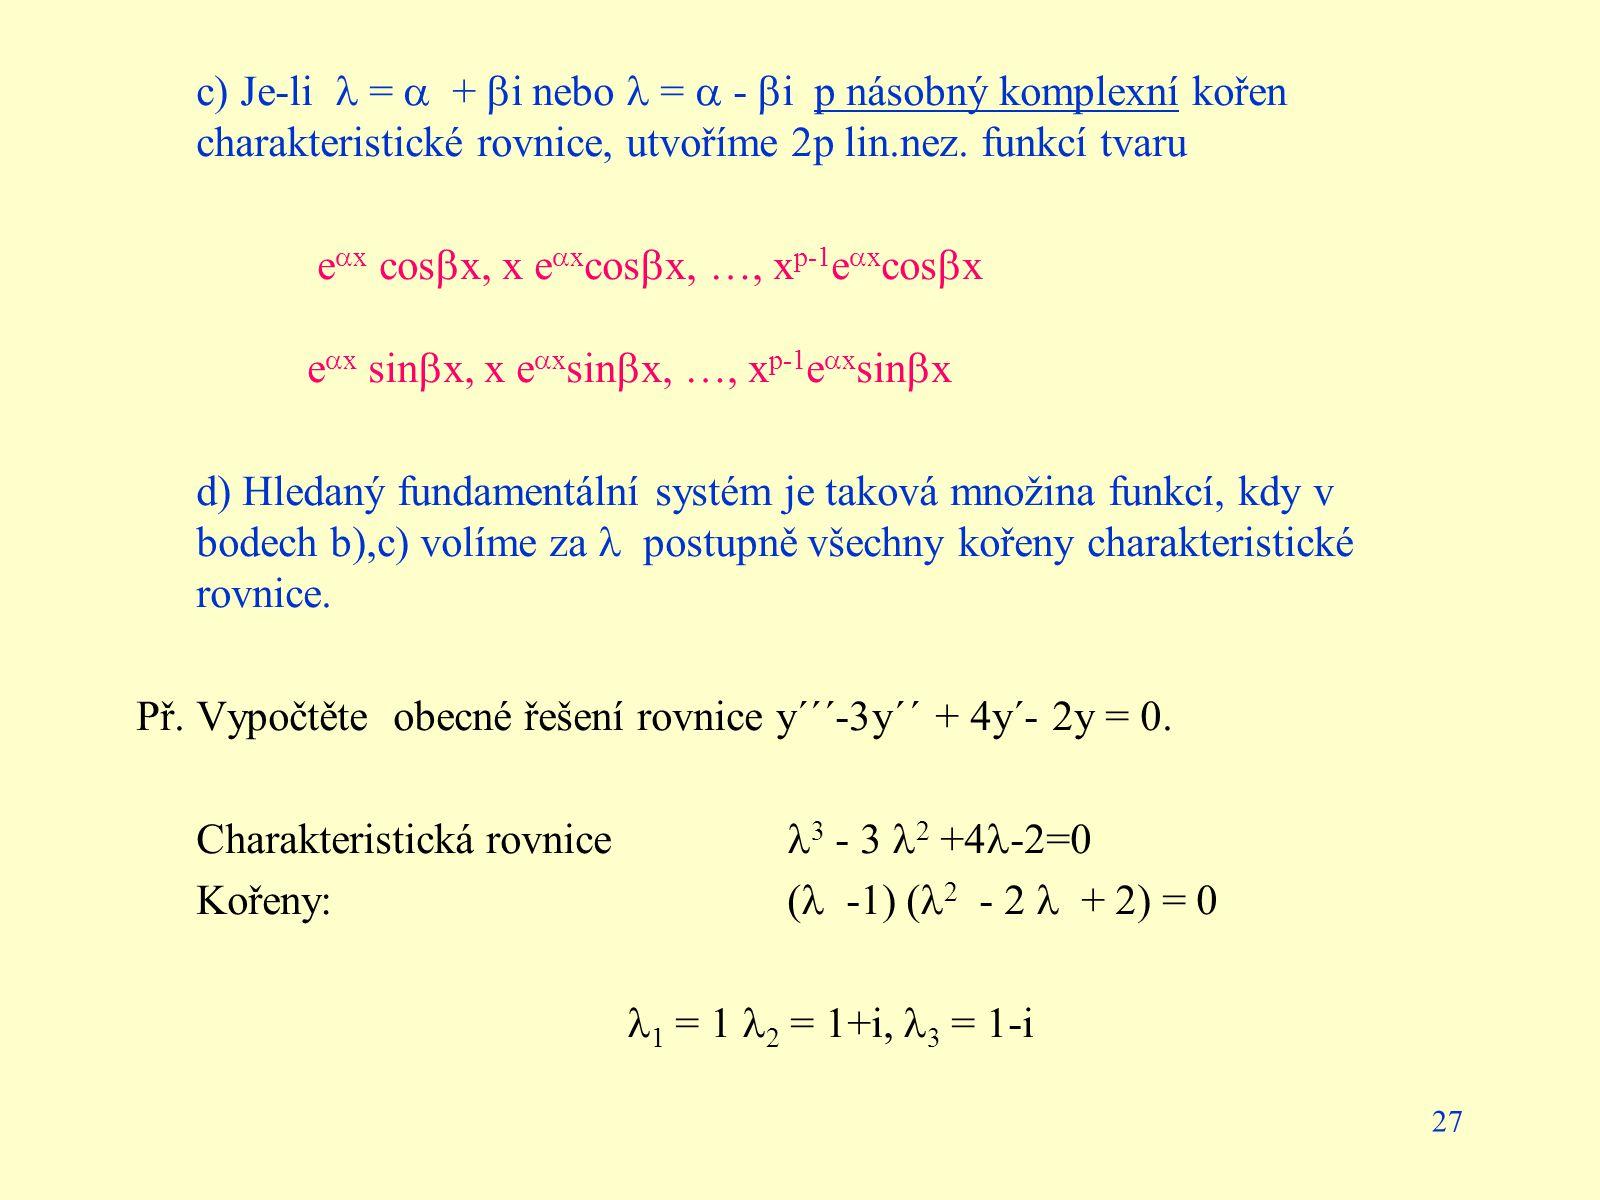 c) Je-li  =  + i nebo  =  - i p násobný komplexní kořen charakteristické rovnice, utvoříme 2p lin.nez. funkcí tvaru